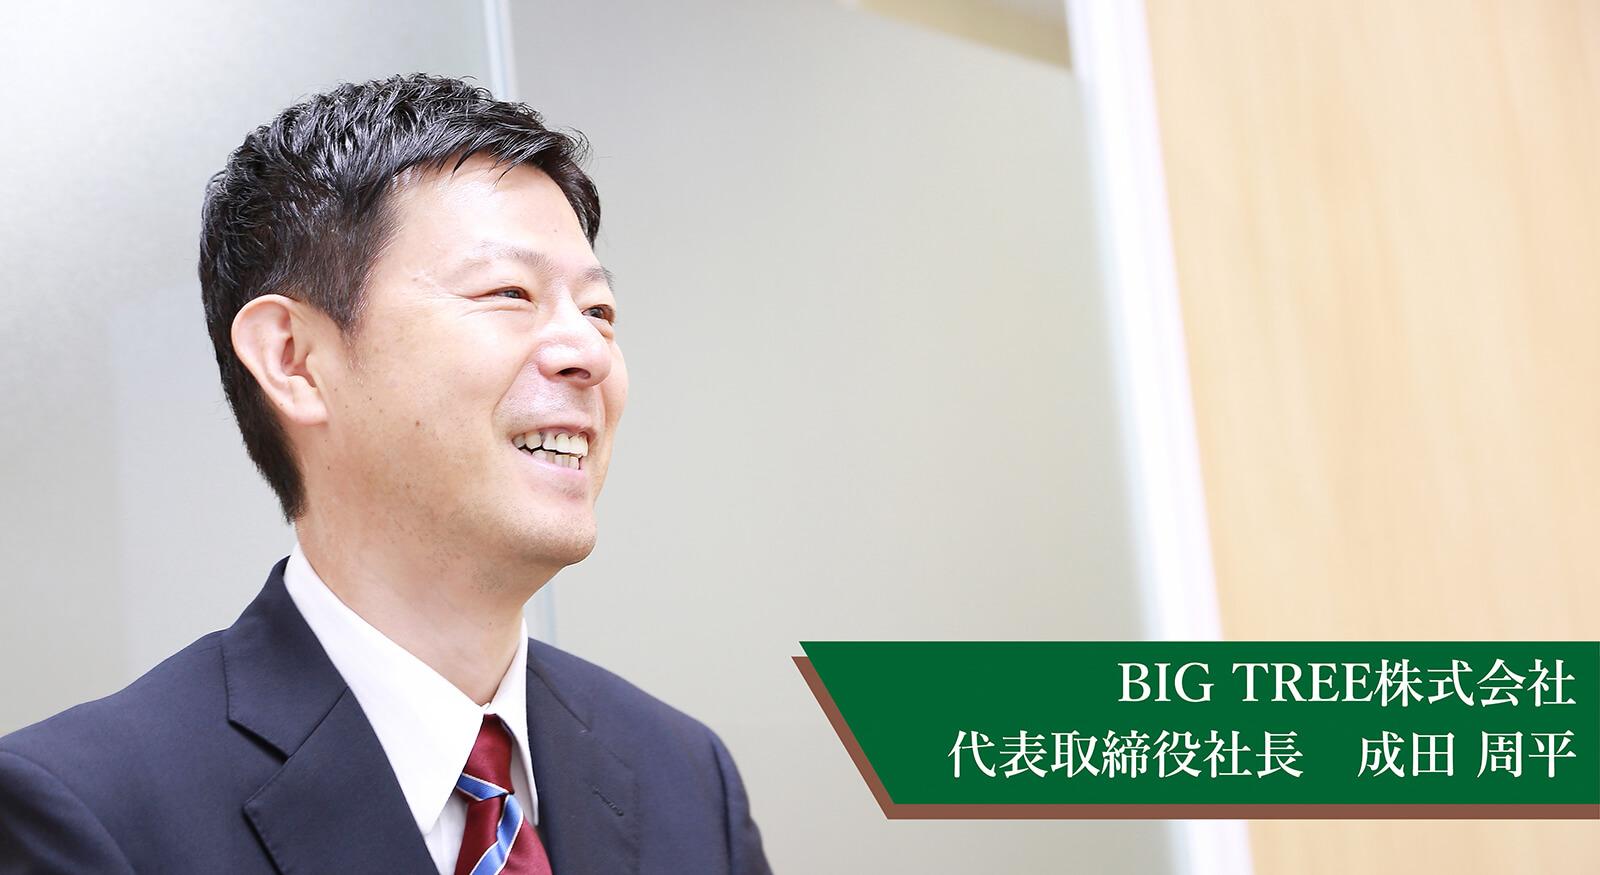 BIG TREE株式会社 代表取締役社長成田 周平